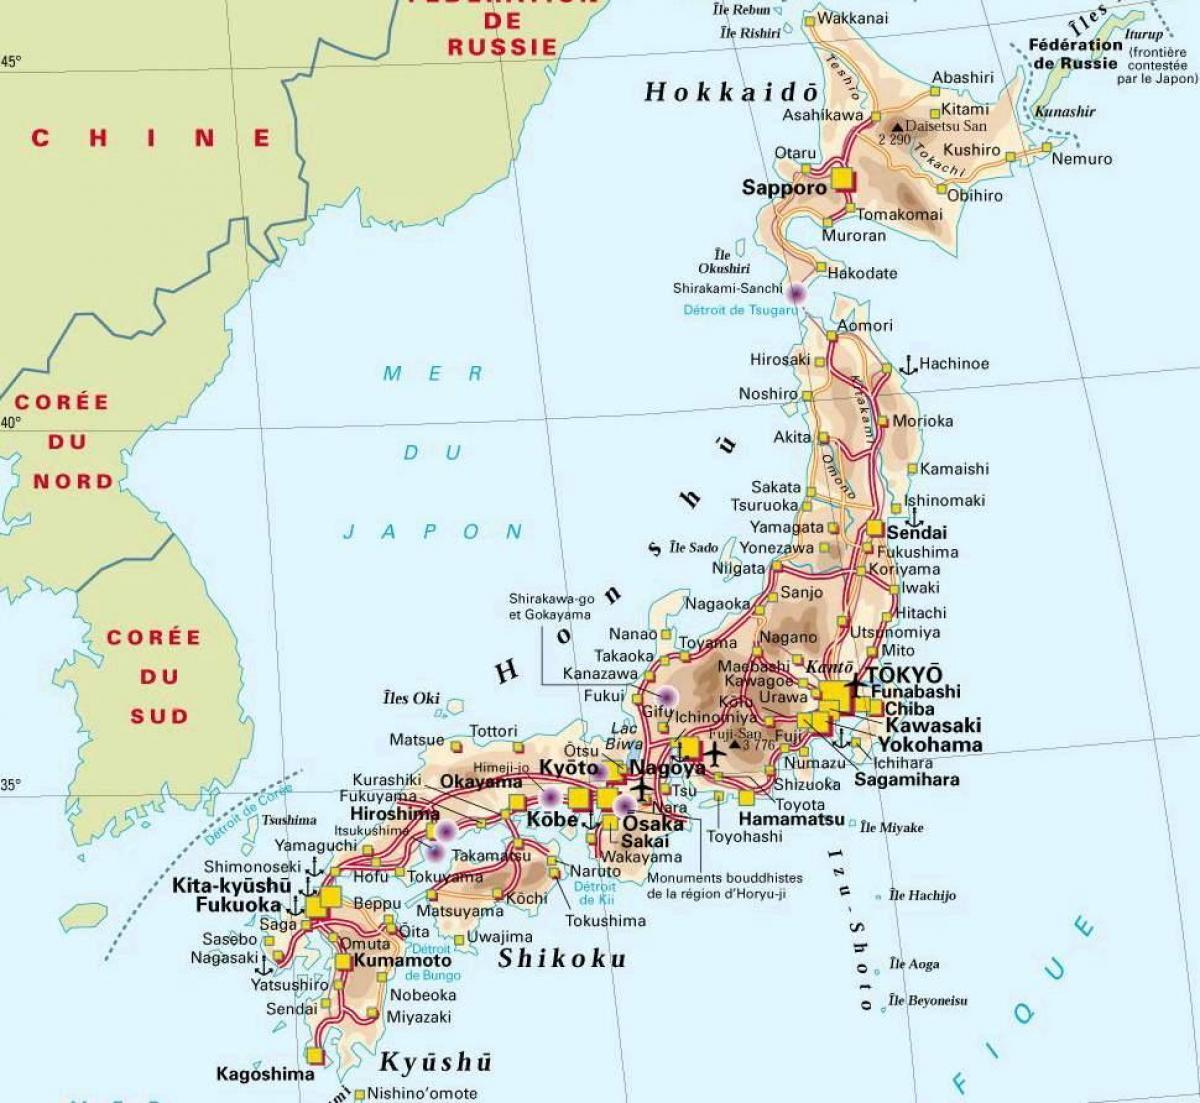 Cartina Del Giappone Politica.Citta Del Giappone Mappa Giappone Mappa Della Citta Asia Orientale Asia